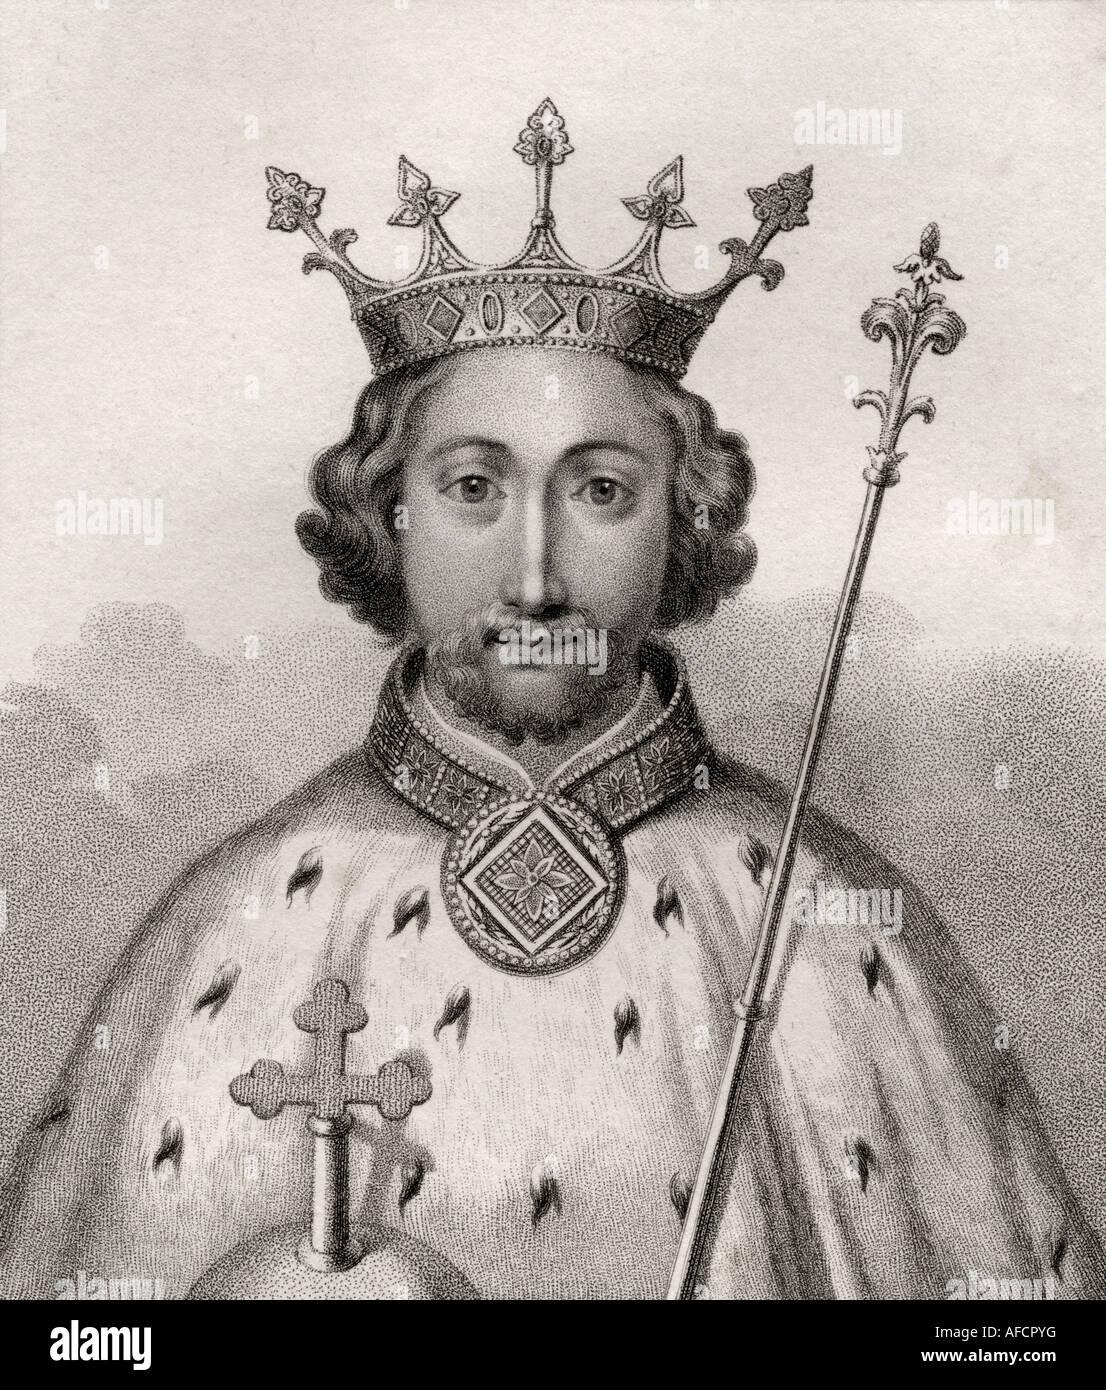 Richard II 1367 1400 King of England - Stock Image